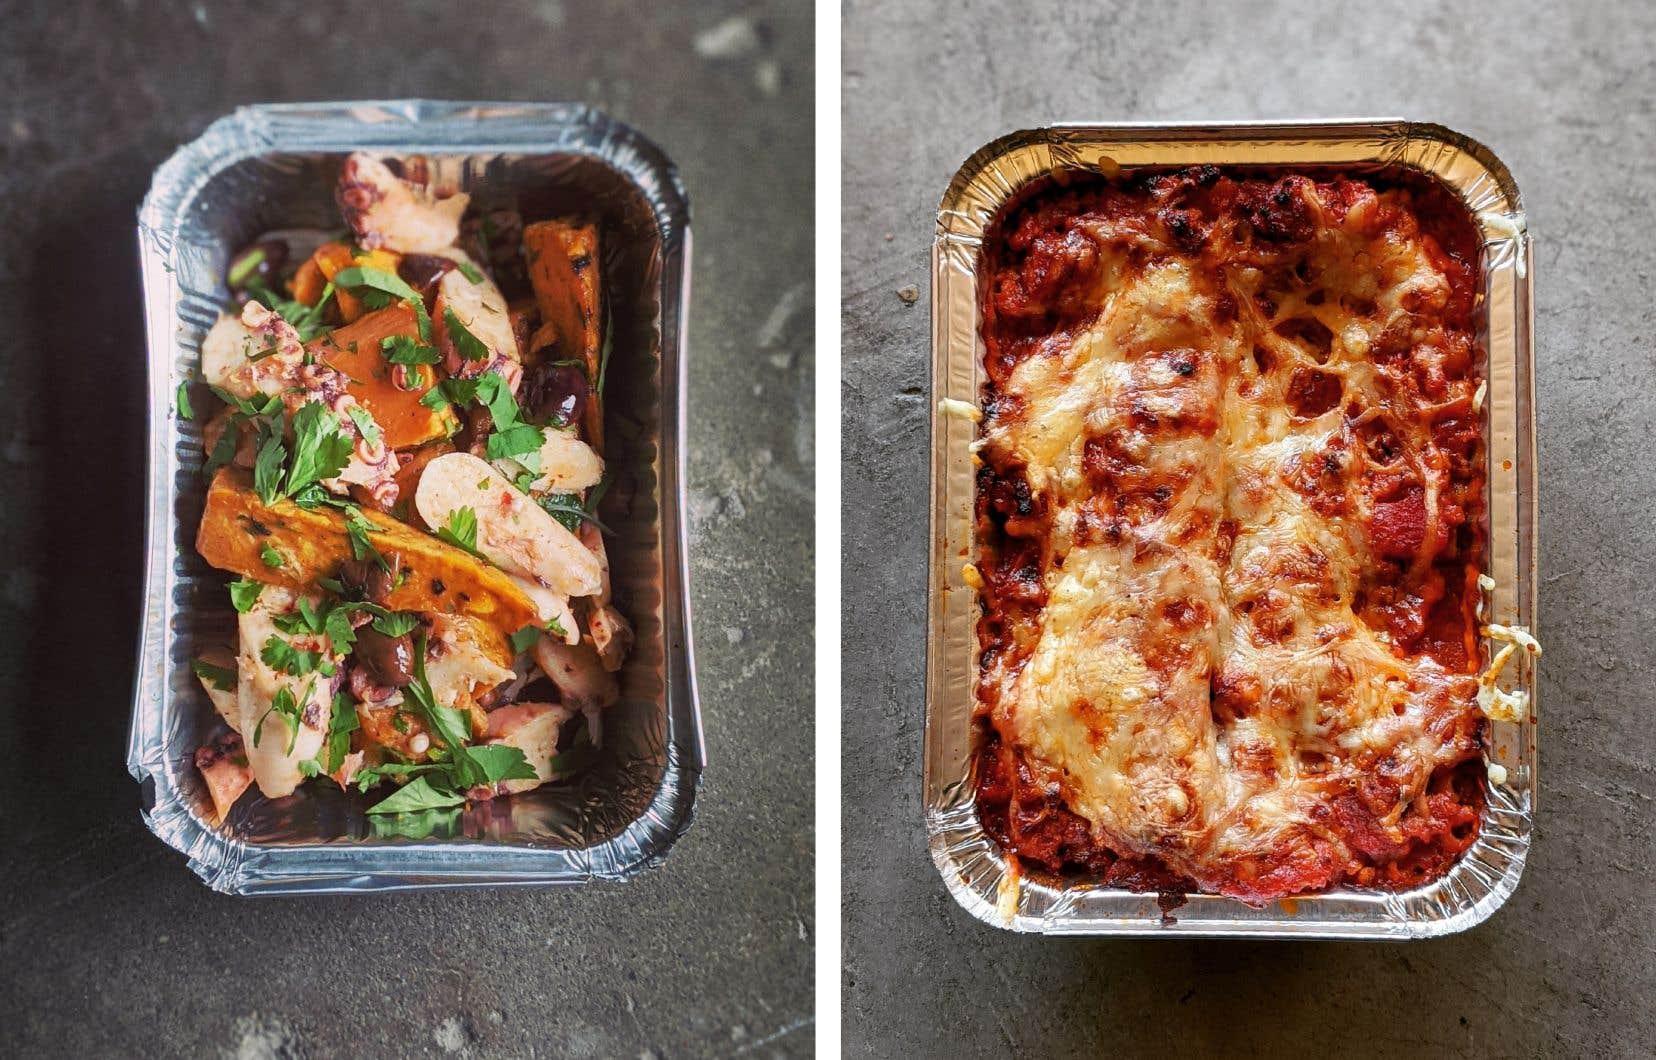 Plusieurs restaurants, comme le Pastaga, proposent des plats à emporter pour éviter le gaspillage ainsi que les lourdes pertes financières.